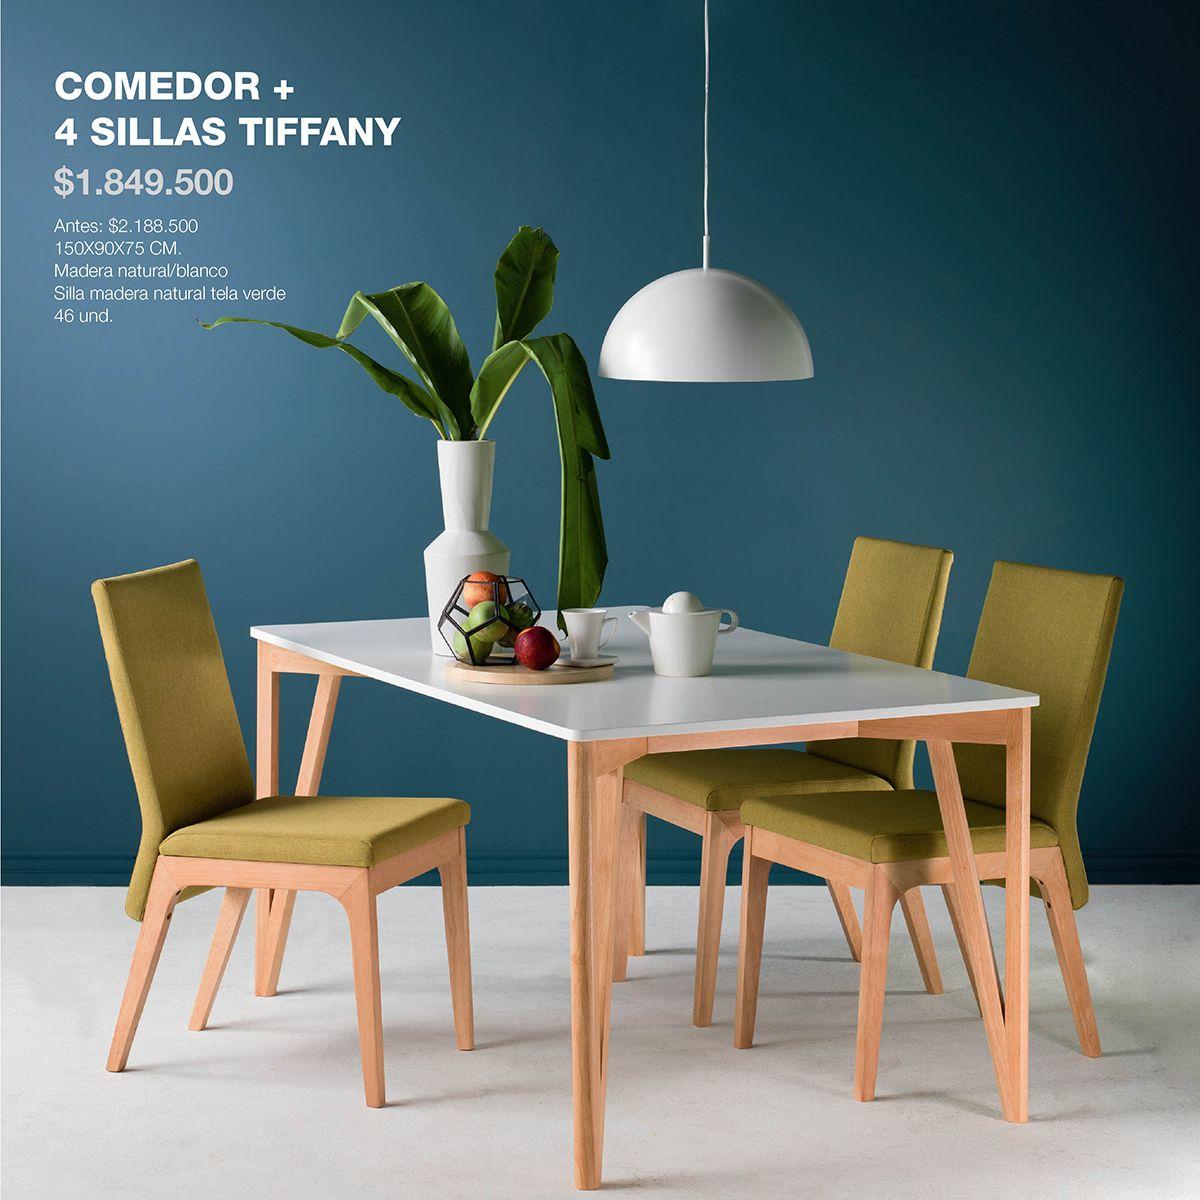 Comedor y sillas tiffany vidrio de color blanco y madera - Decoracion para comedor ...